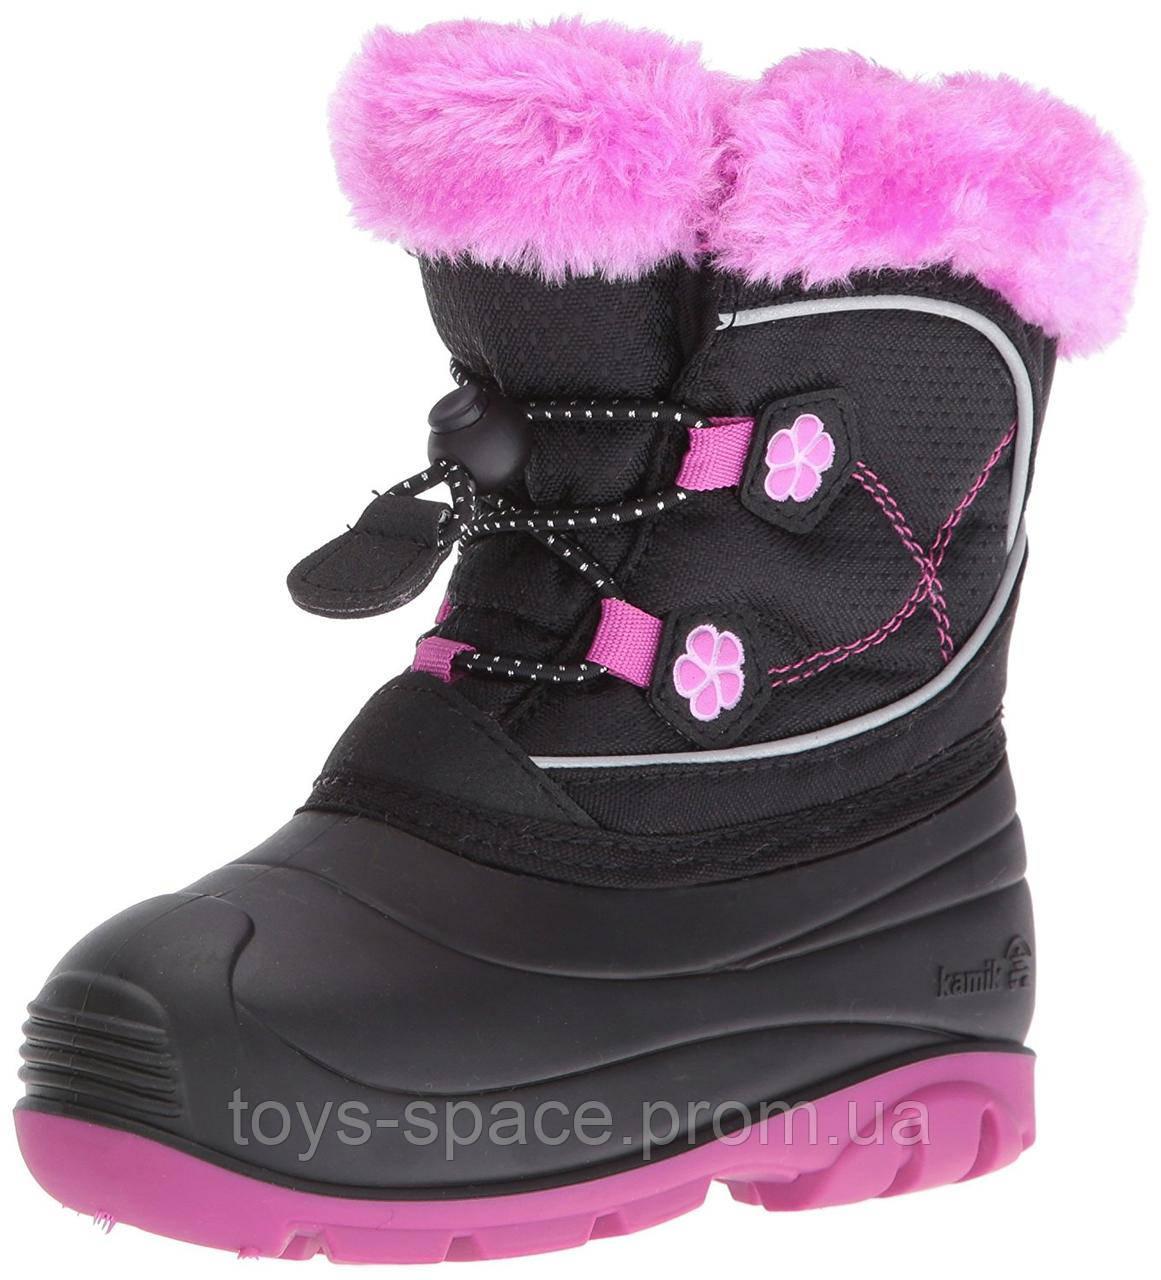 Зимние детские сапоги Kamik Kids  Pebble Snow Boot 10US - Интернет-магазин